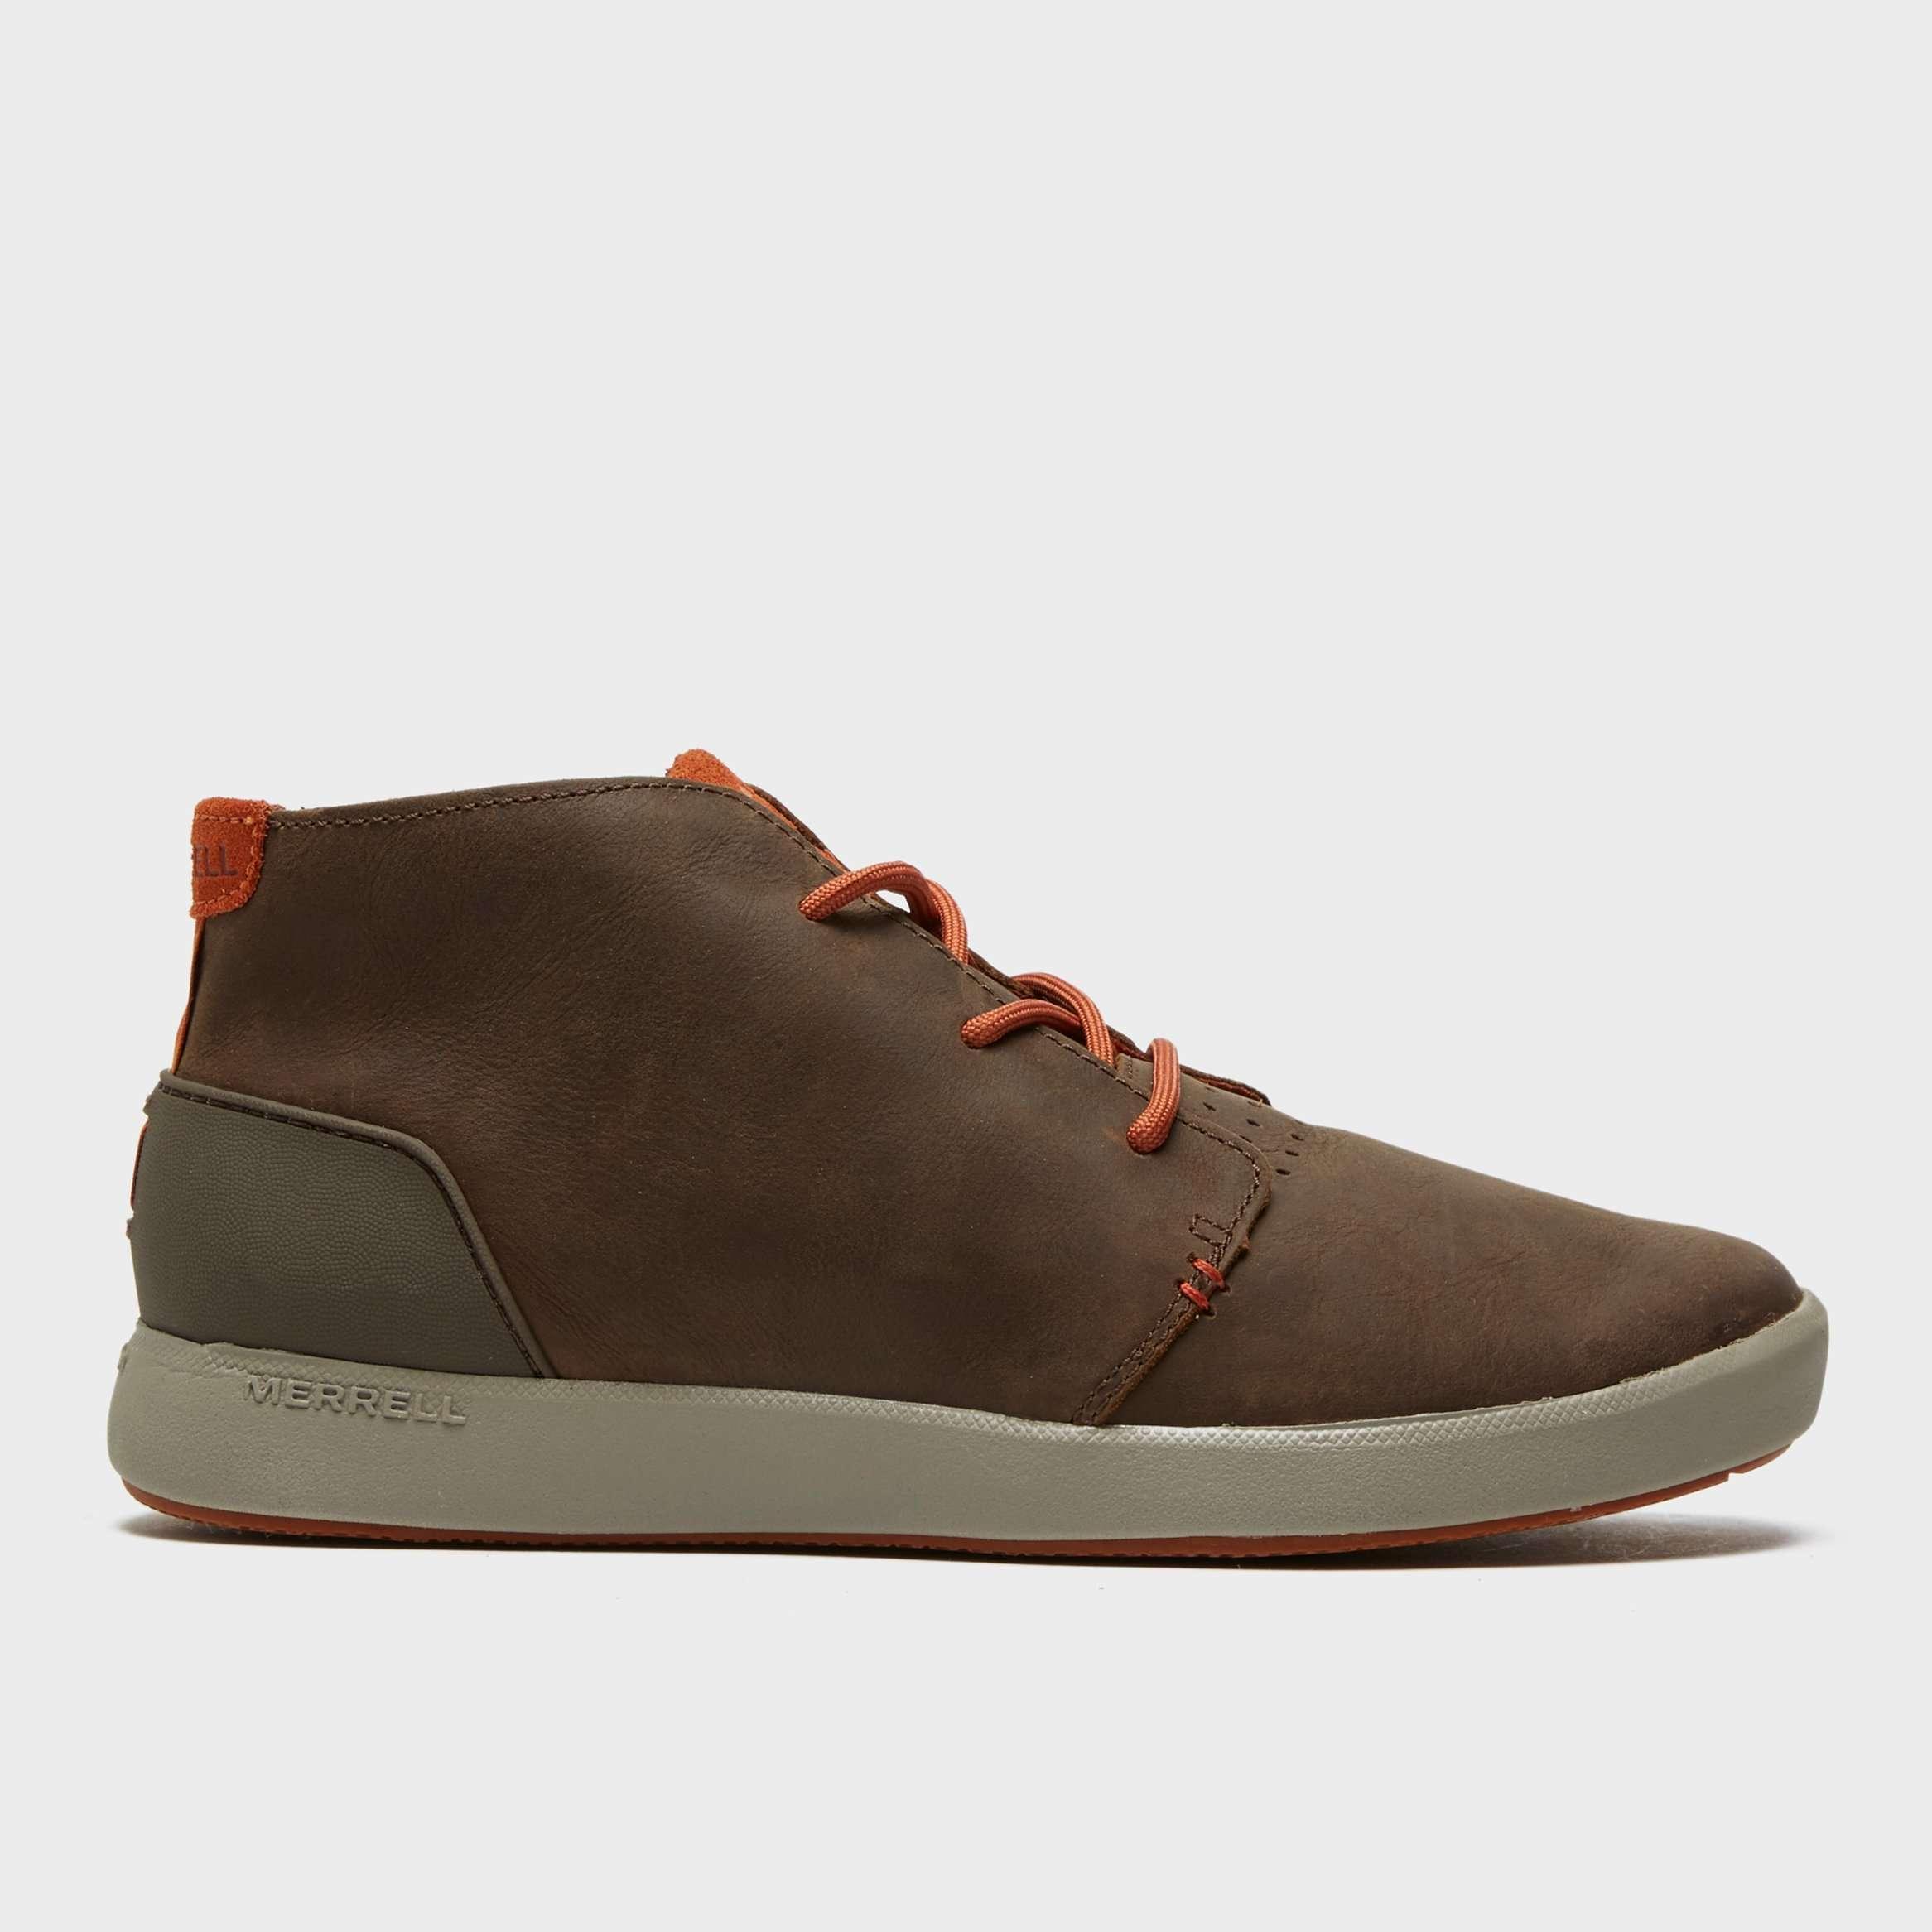 MERRELL Men's Freewheel Chukka Shoe